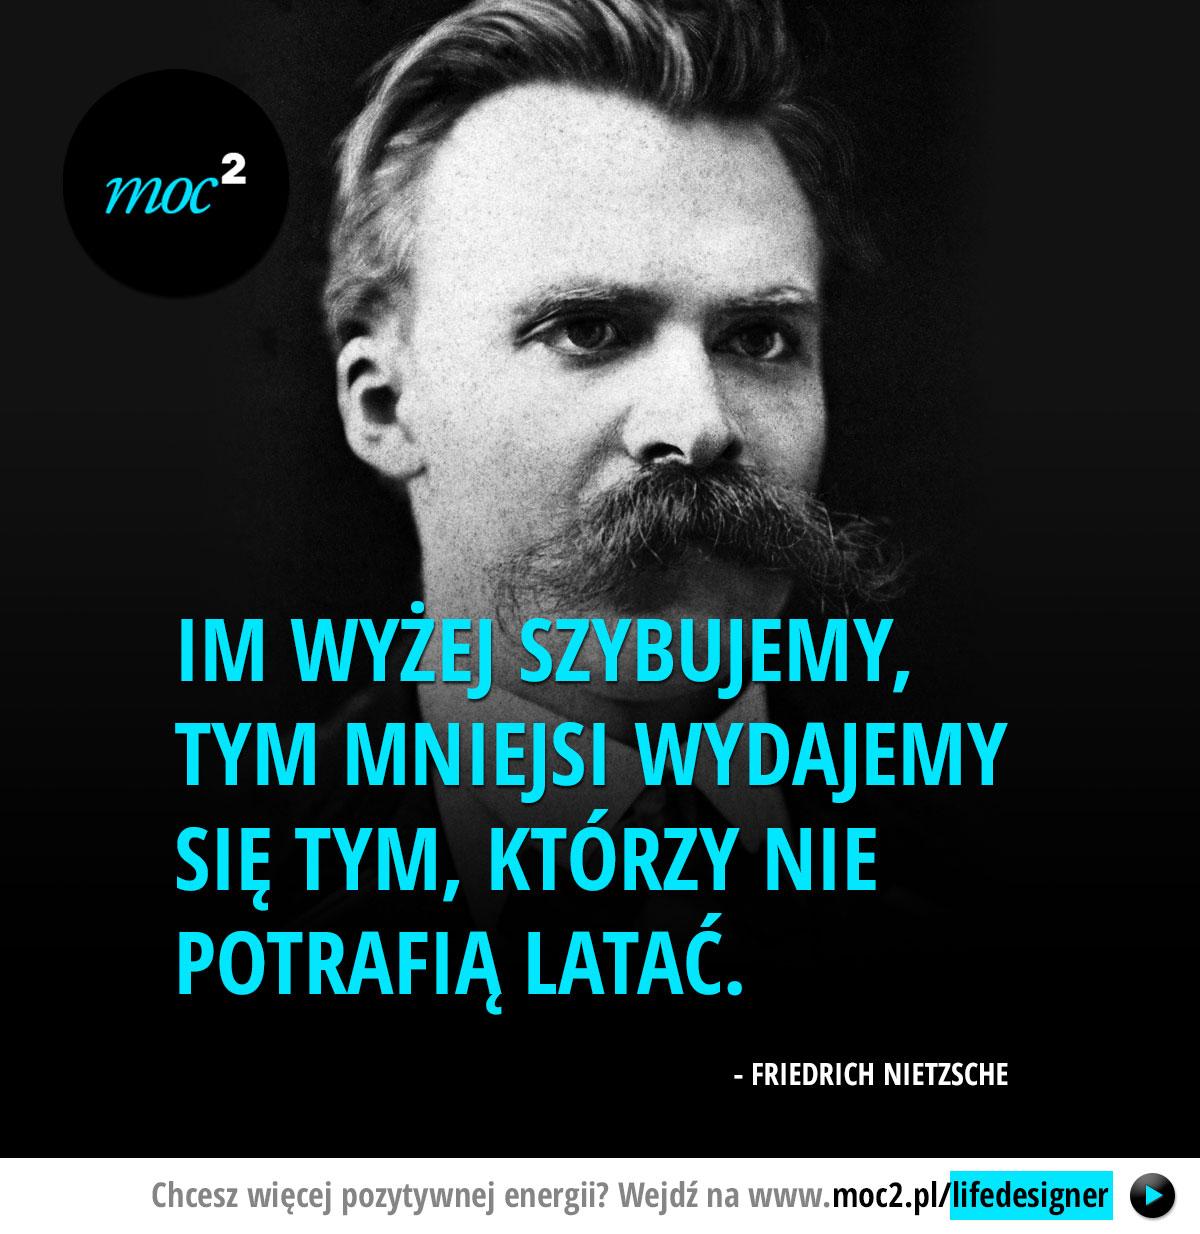 Im wyżej szybujemy, tym mniejsi wydajemy się tym, którzy nie potrafią latać. - Friedrich Nietzsche